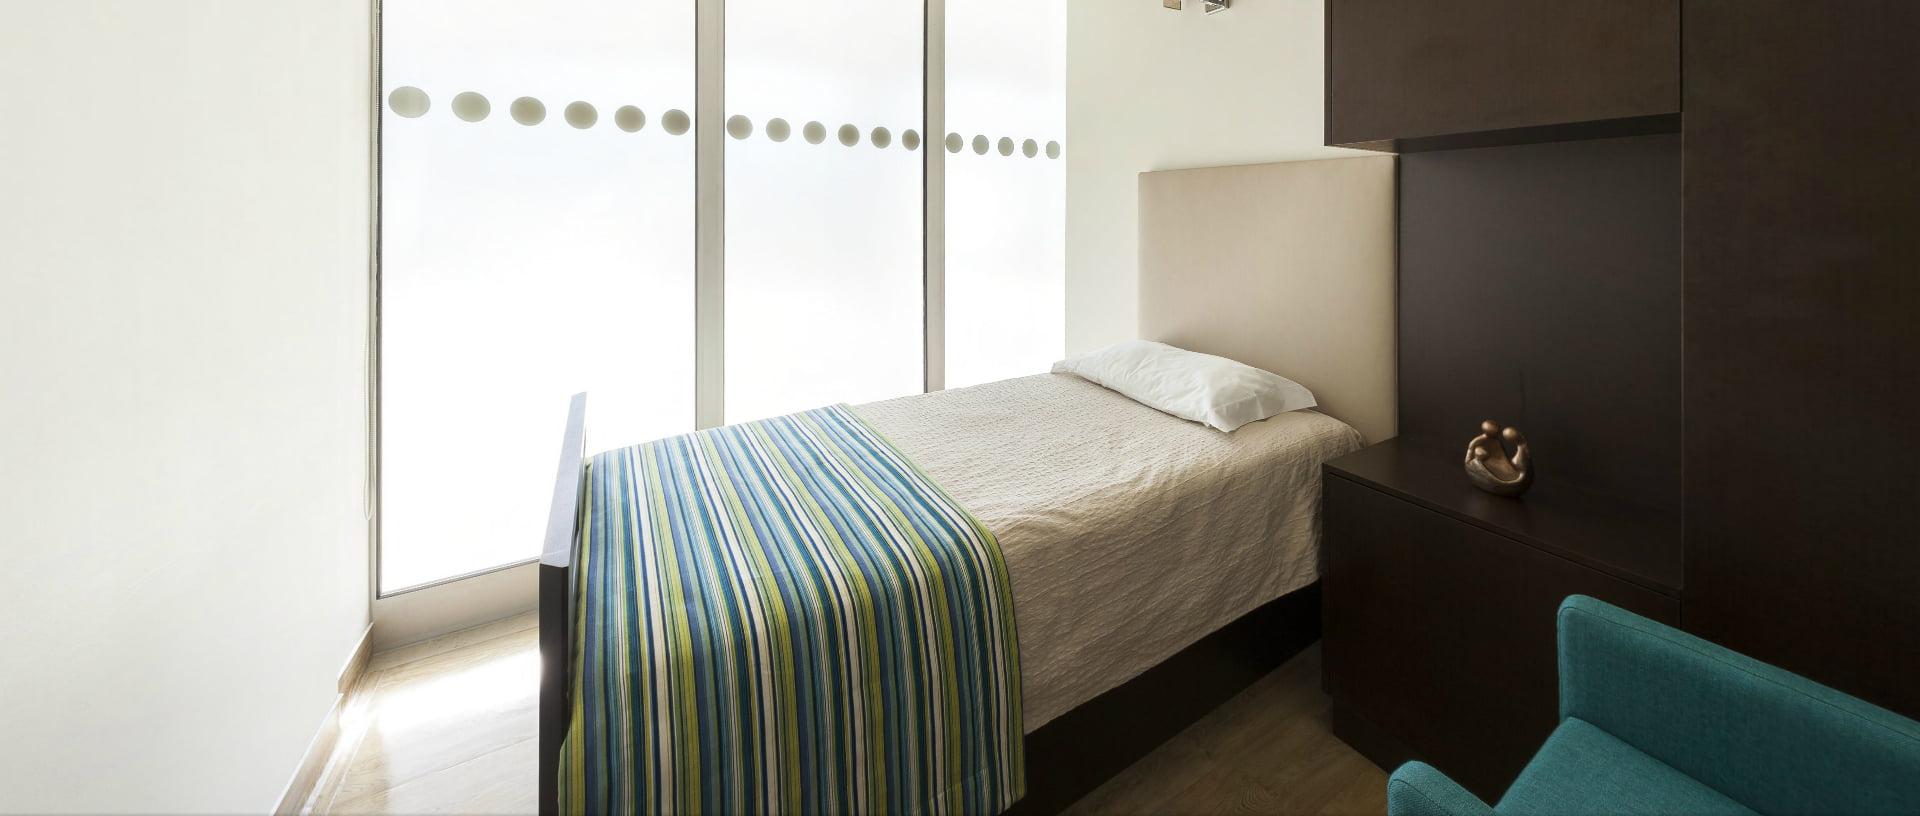 Ferticentro habitacion recuperacion